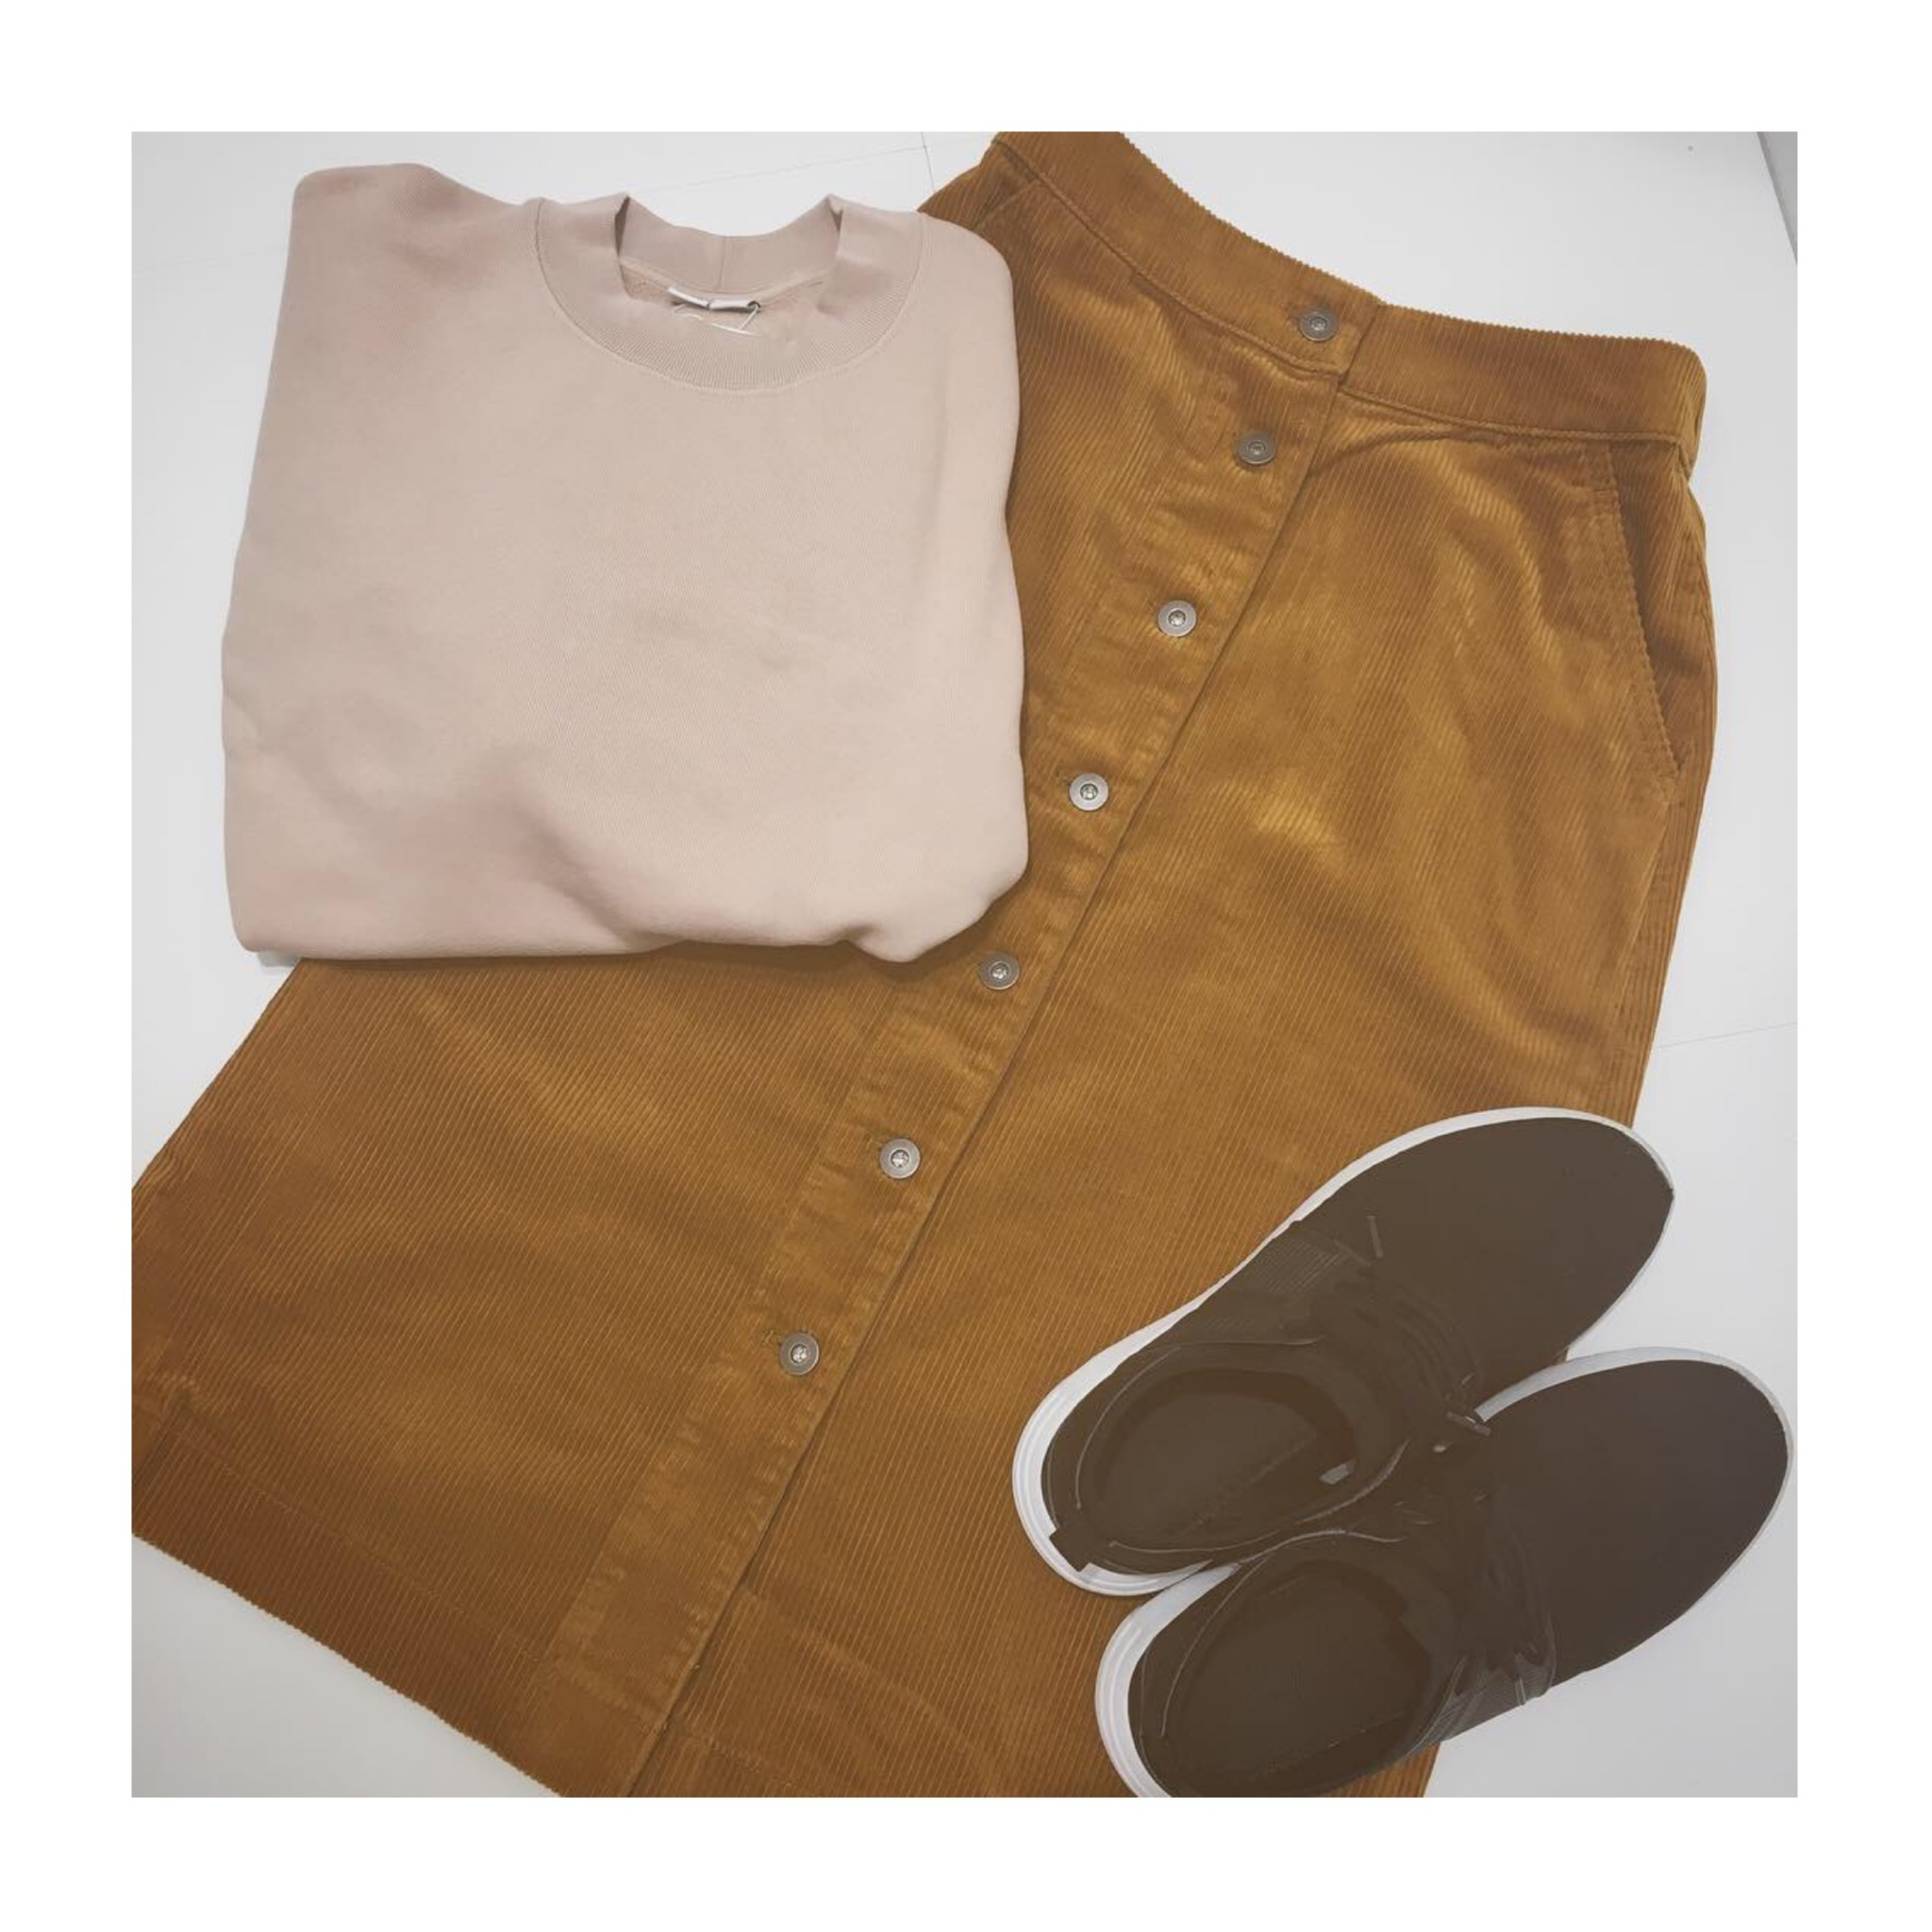 《今季トレンド❤️》【UNIQLO】のコーデュロイフロントボタンスカートが使える!☻_3